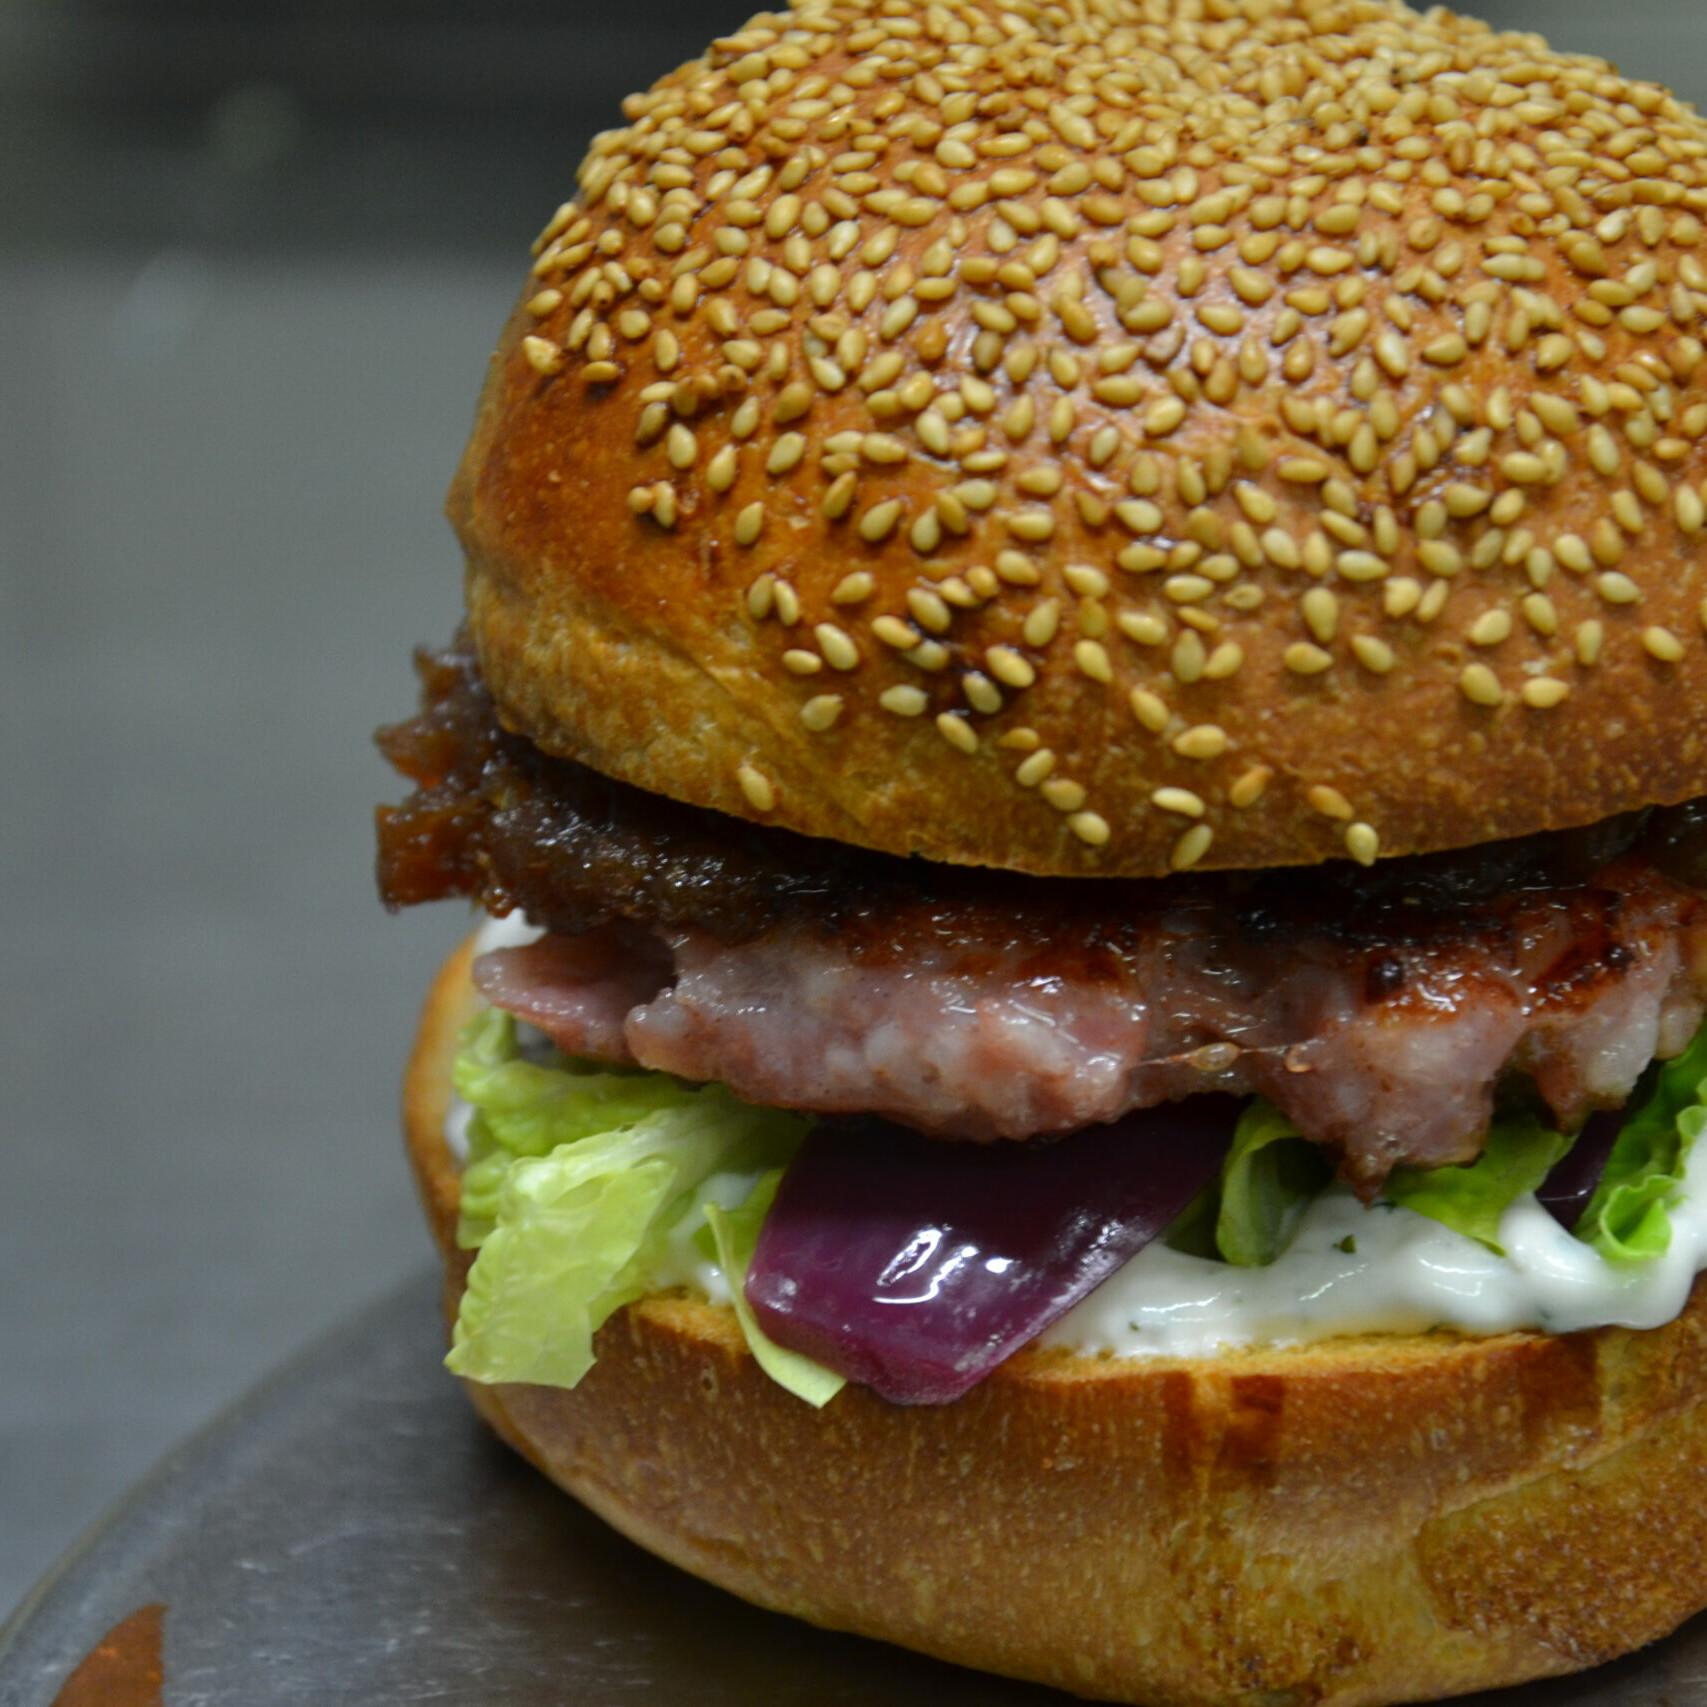 daniel et denise vente a emporter burger